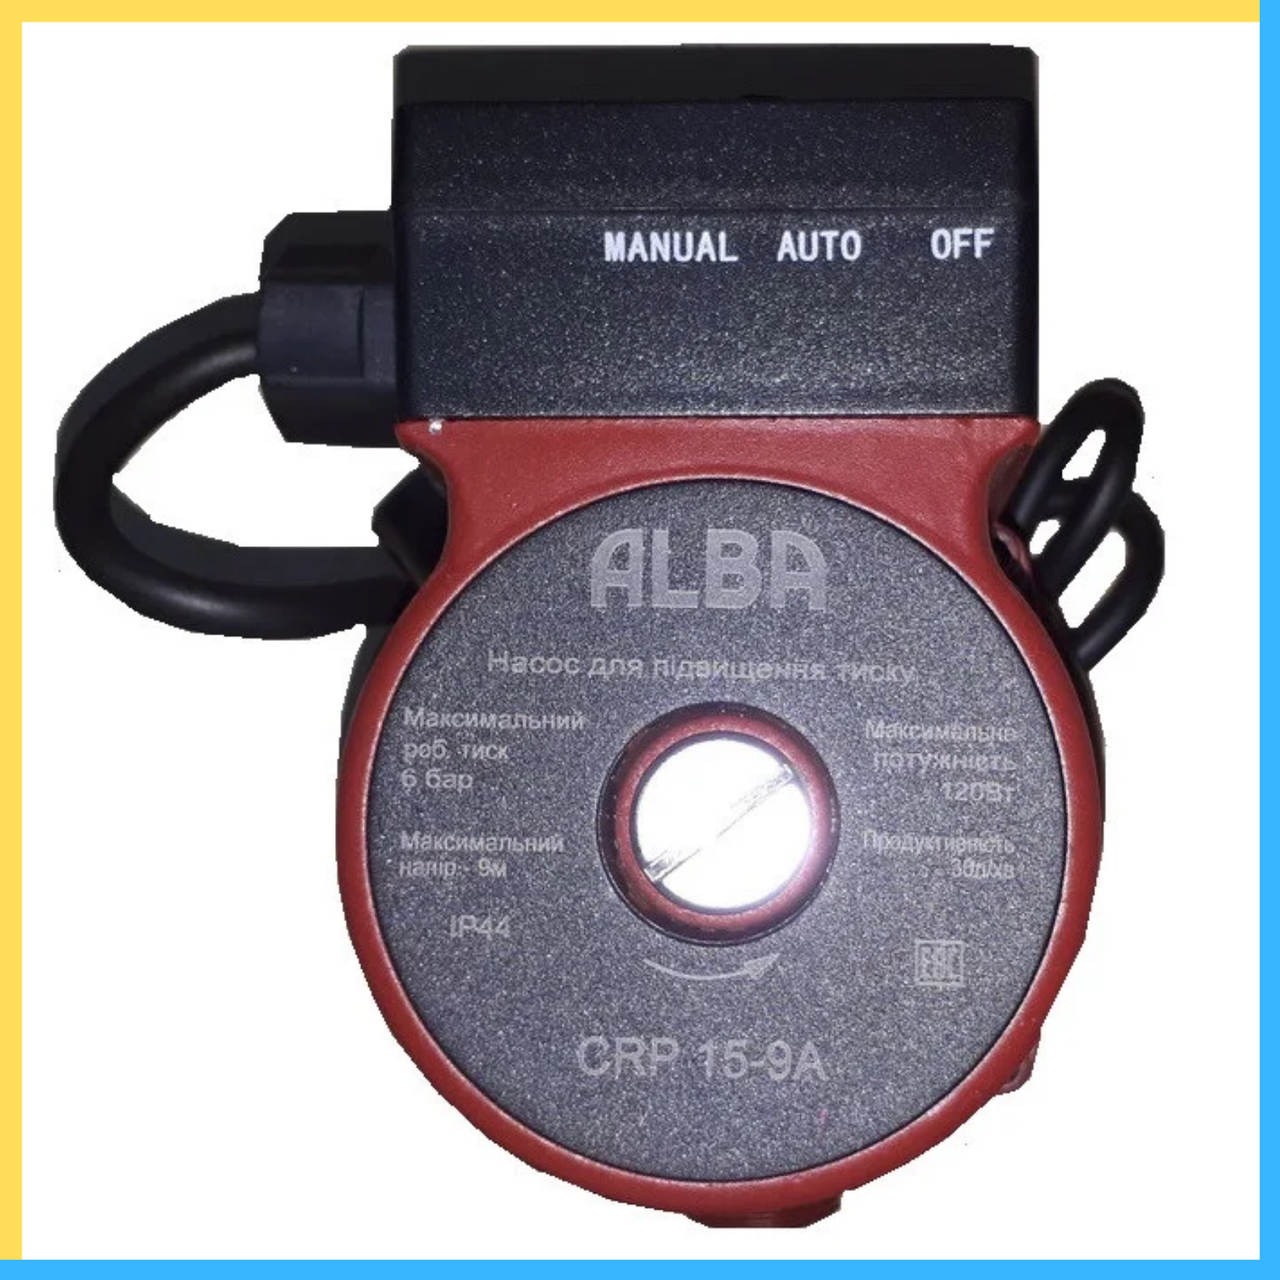 Насос циркуляционный ALBA CRP 15-9A (повышенного давления)